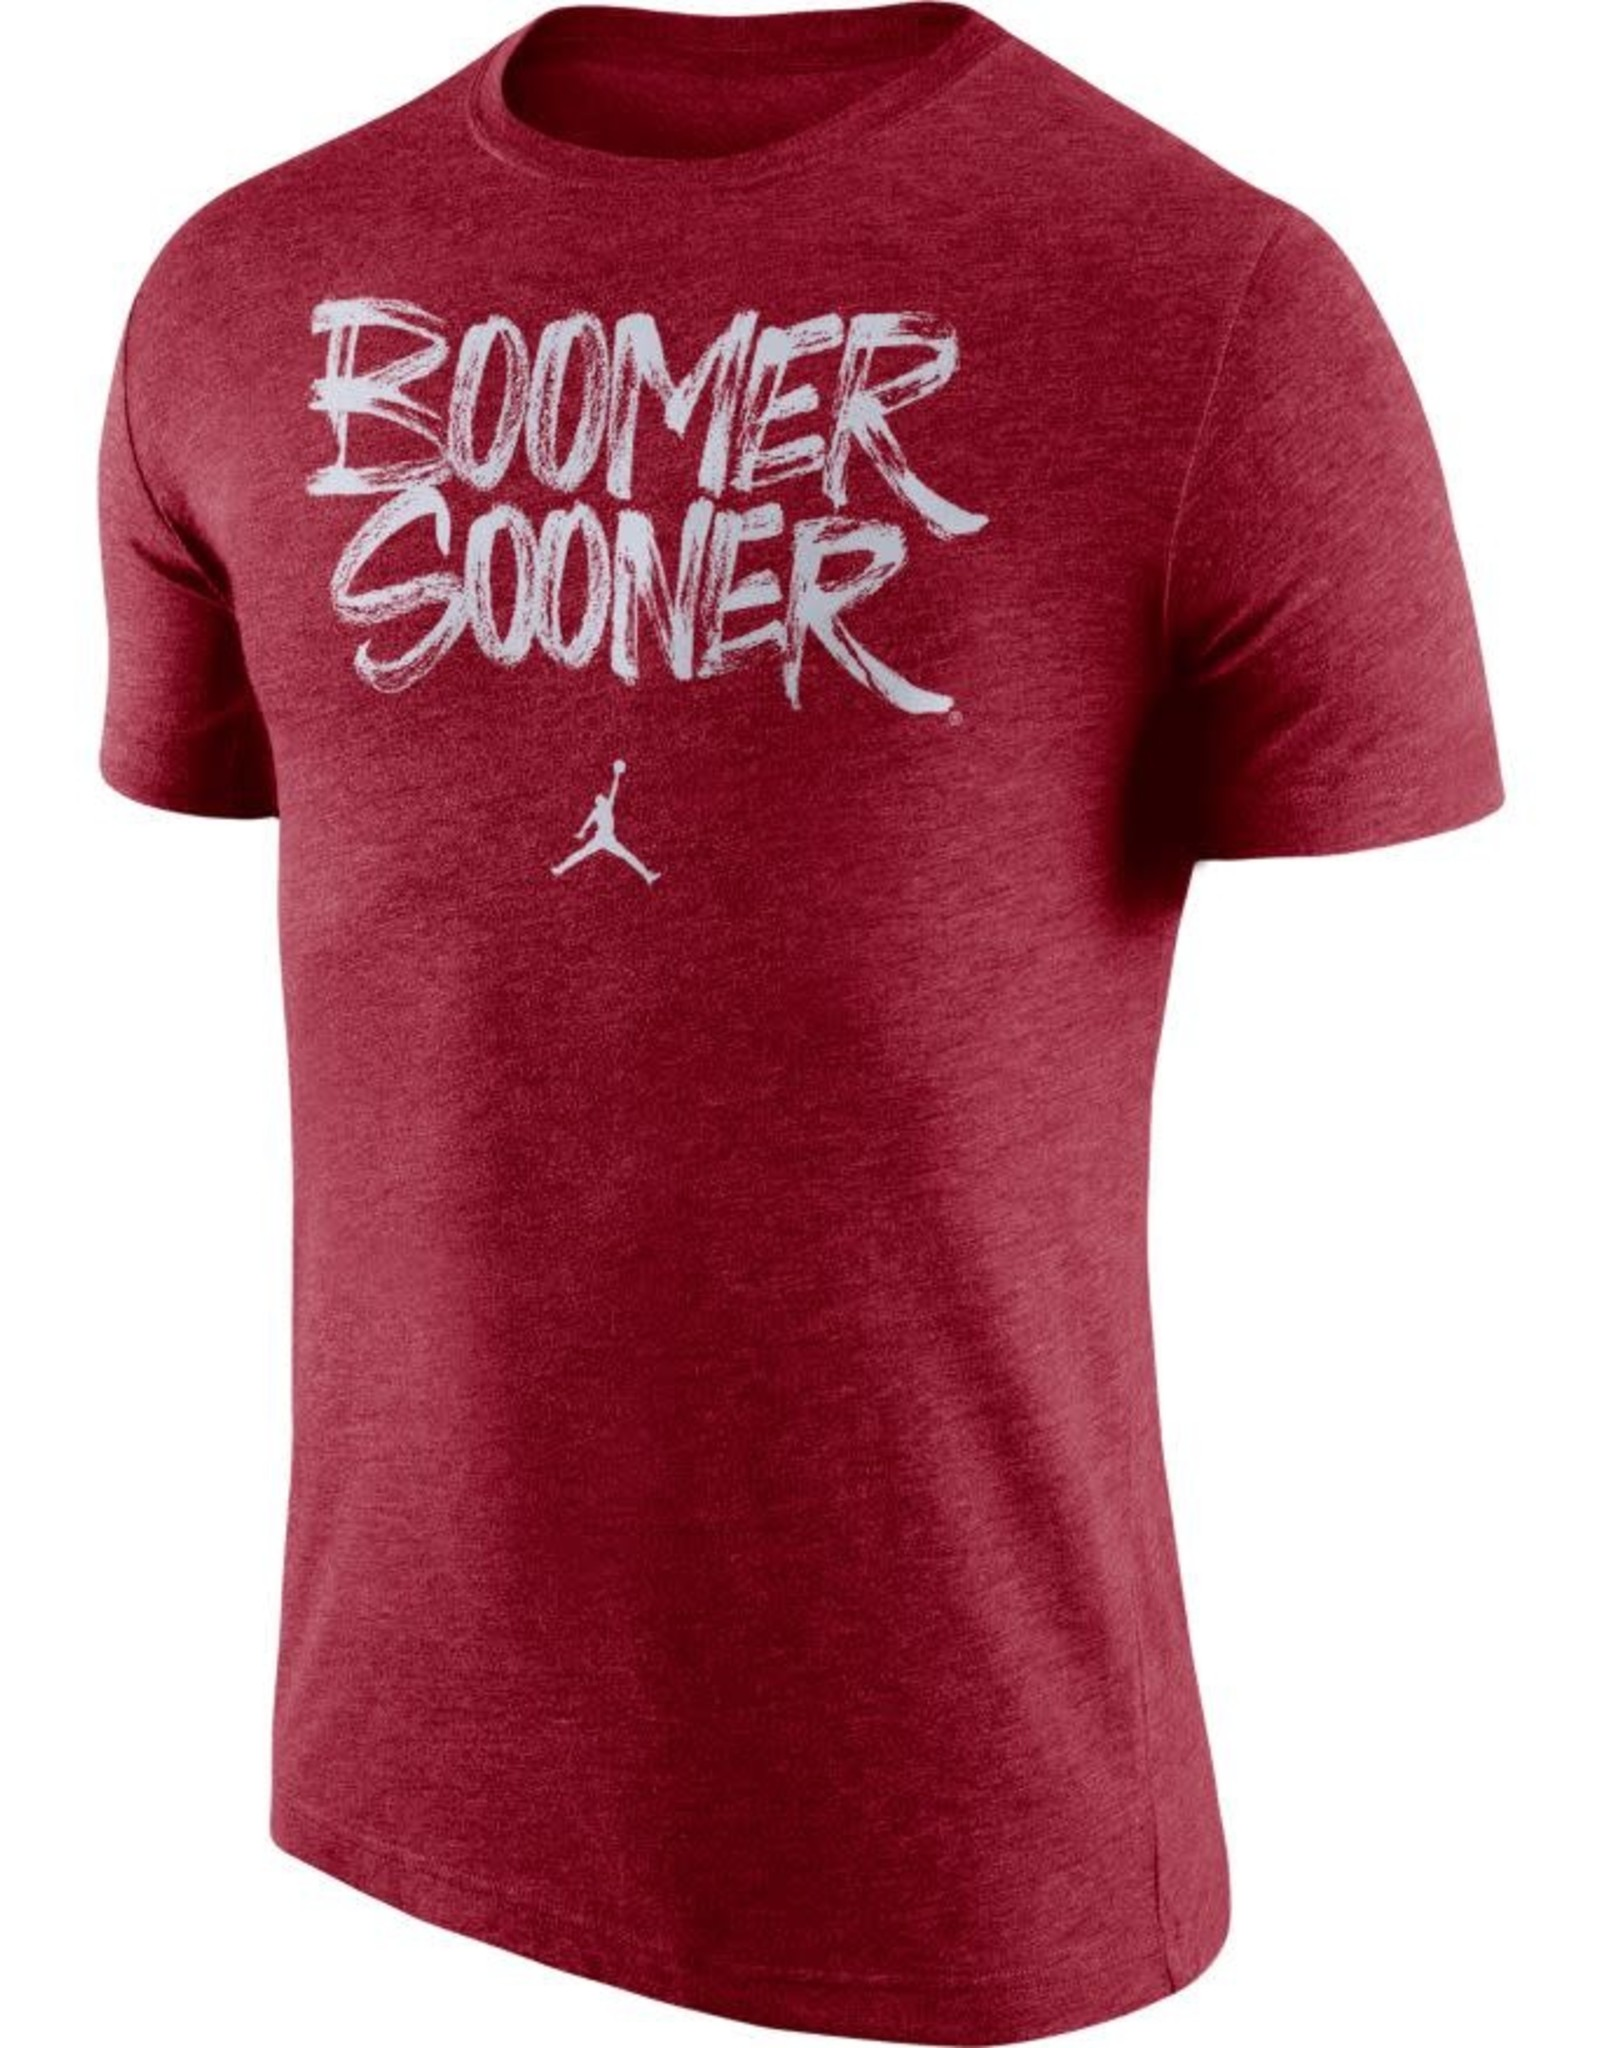 Jordan Jordan Men's Boomer Sooner Tri Verb Tee